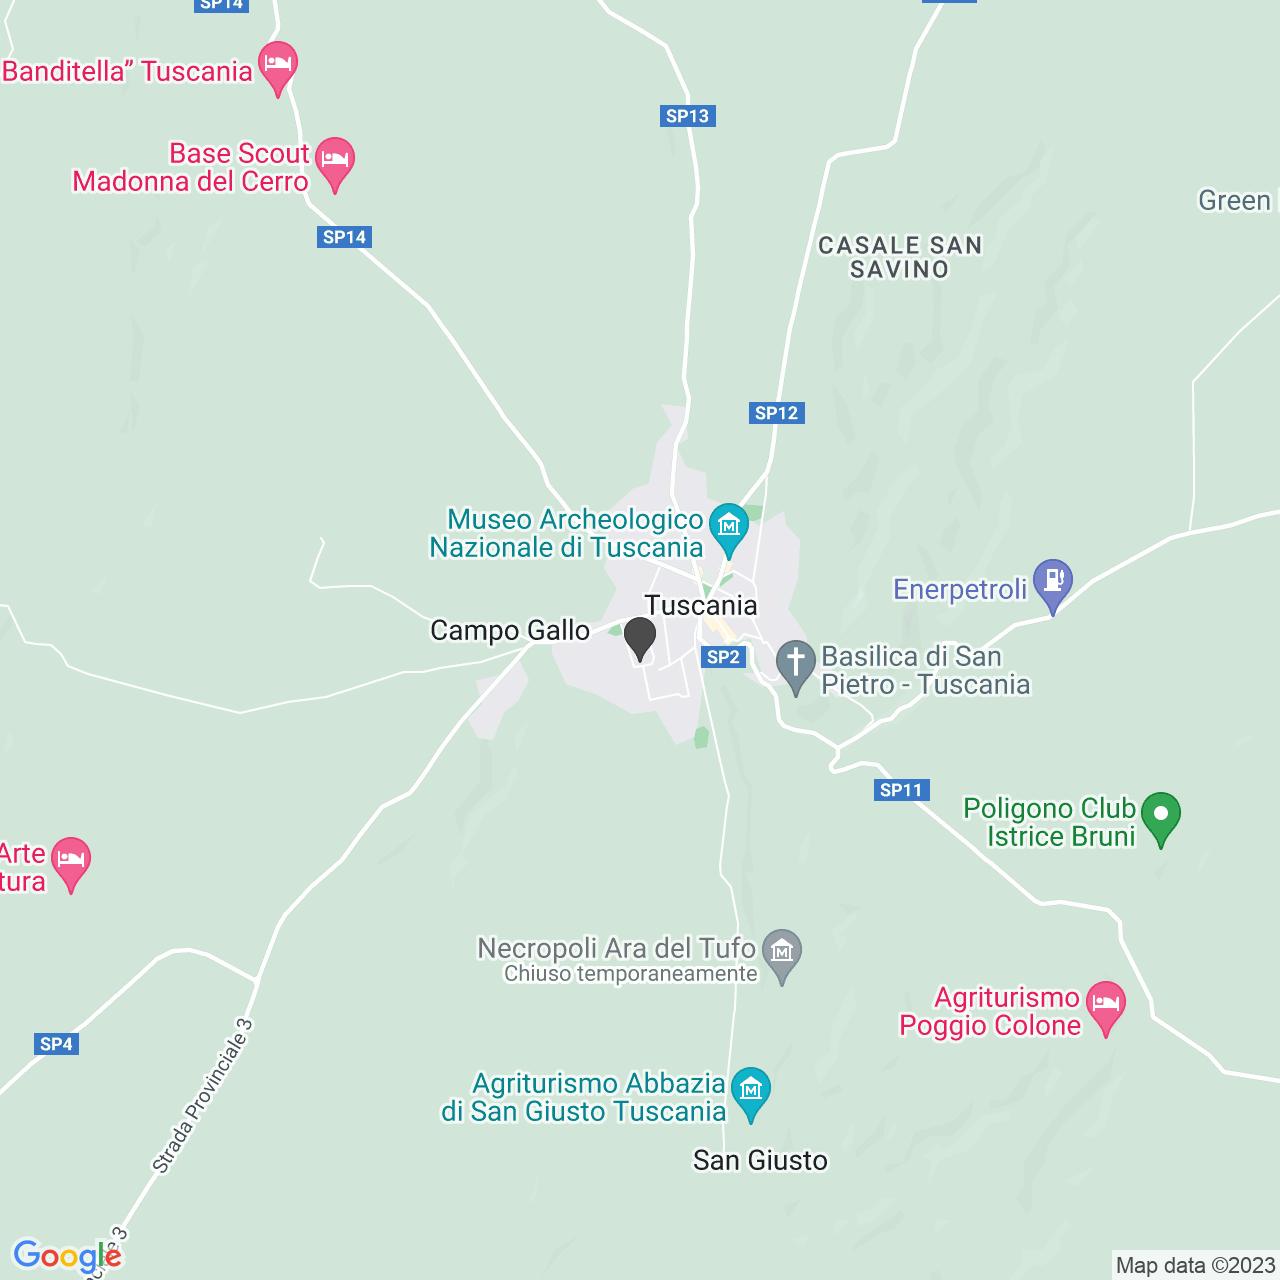 Chiesa di Nostra Signora di Lourdes